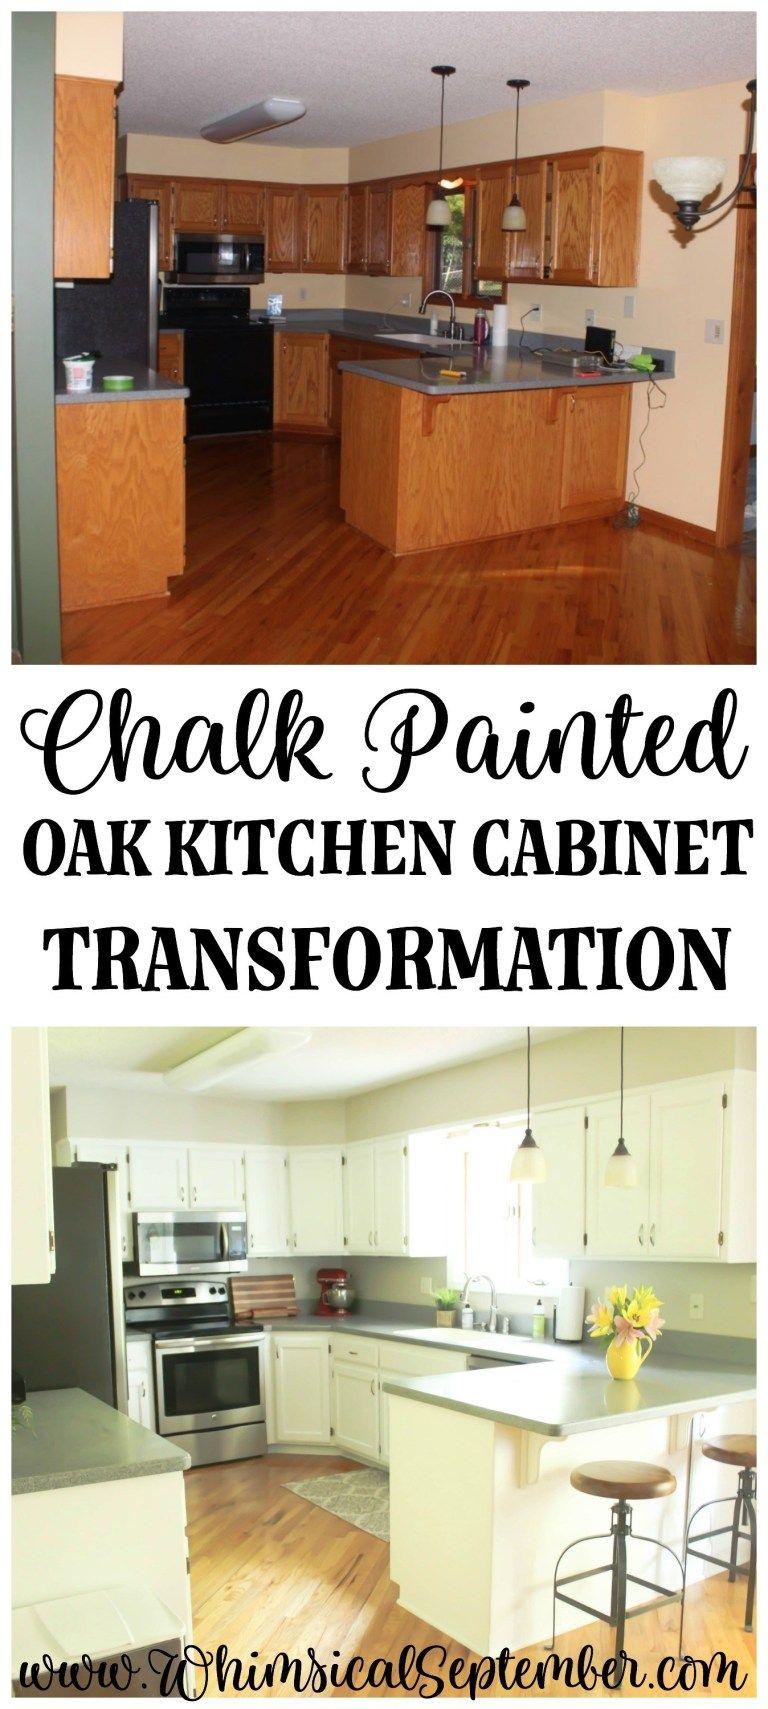 Chalk Painted Kitchen Cabinets: From Honey Oak to White #darkkitchencabinets